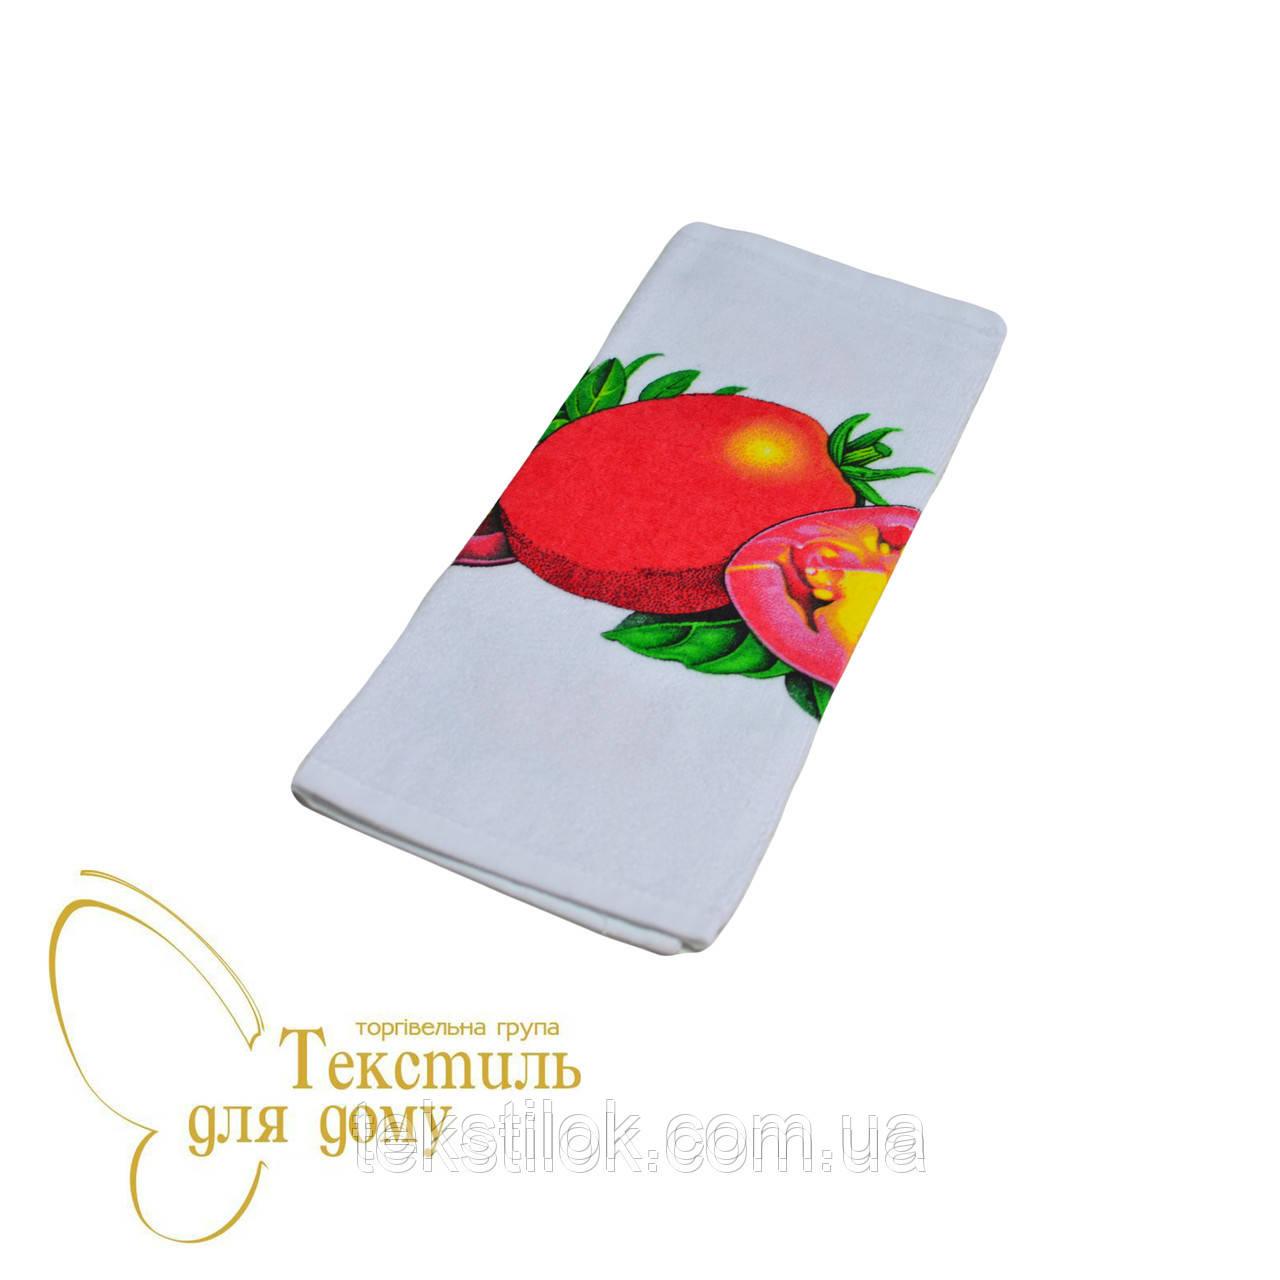 Полотенце кухонное махровое 30*50 фрукты